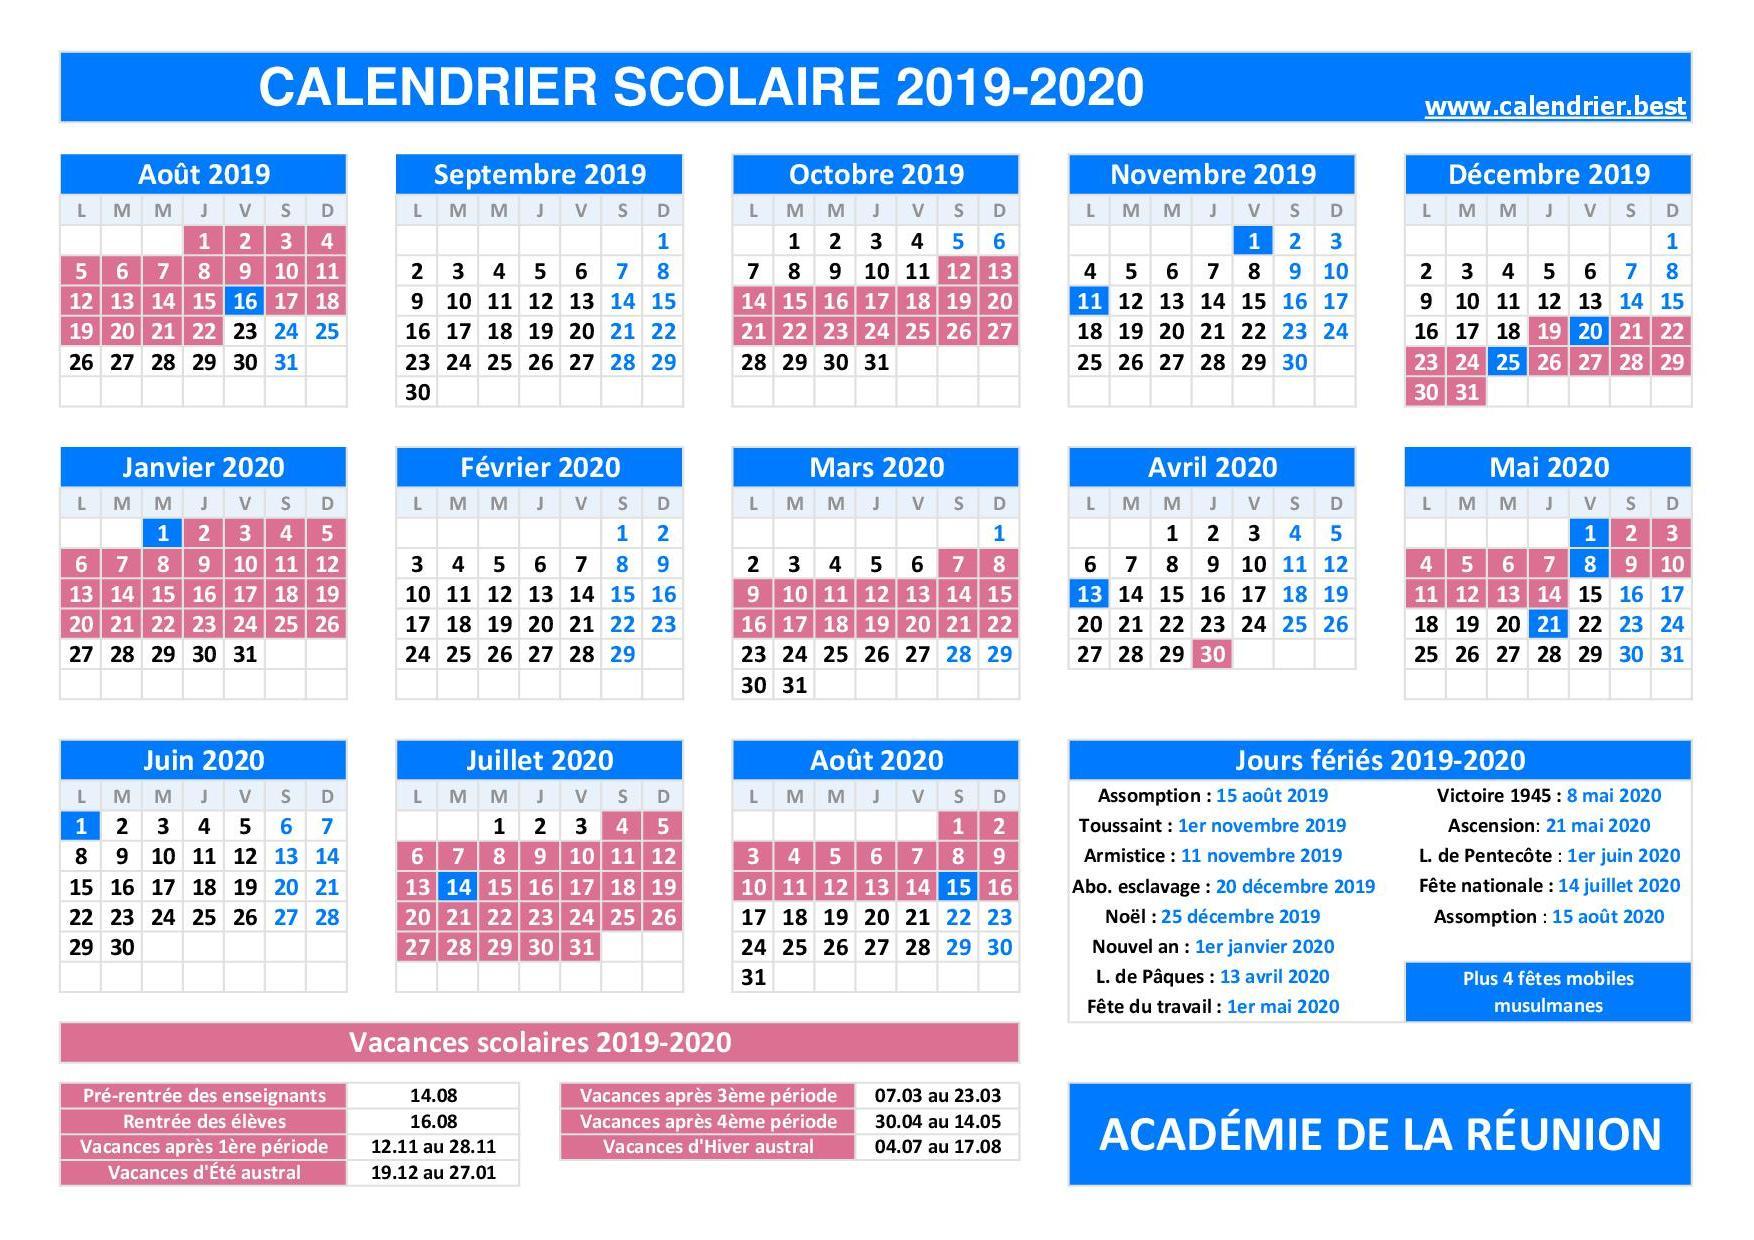 Calendrier Scolaire 2021 2022 Reunion Vacances scolaires académie de La réunion